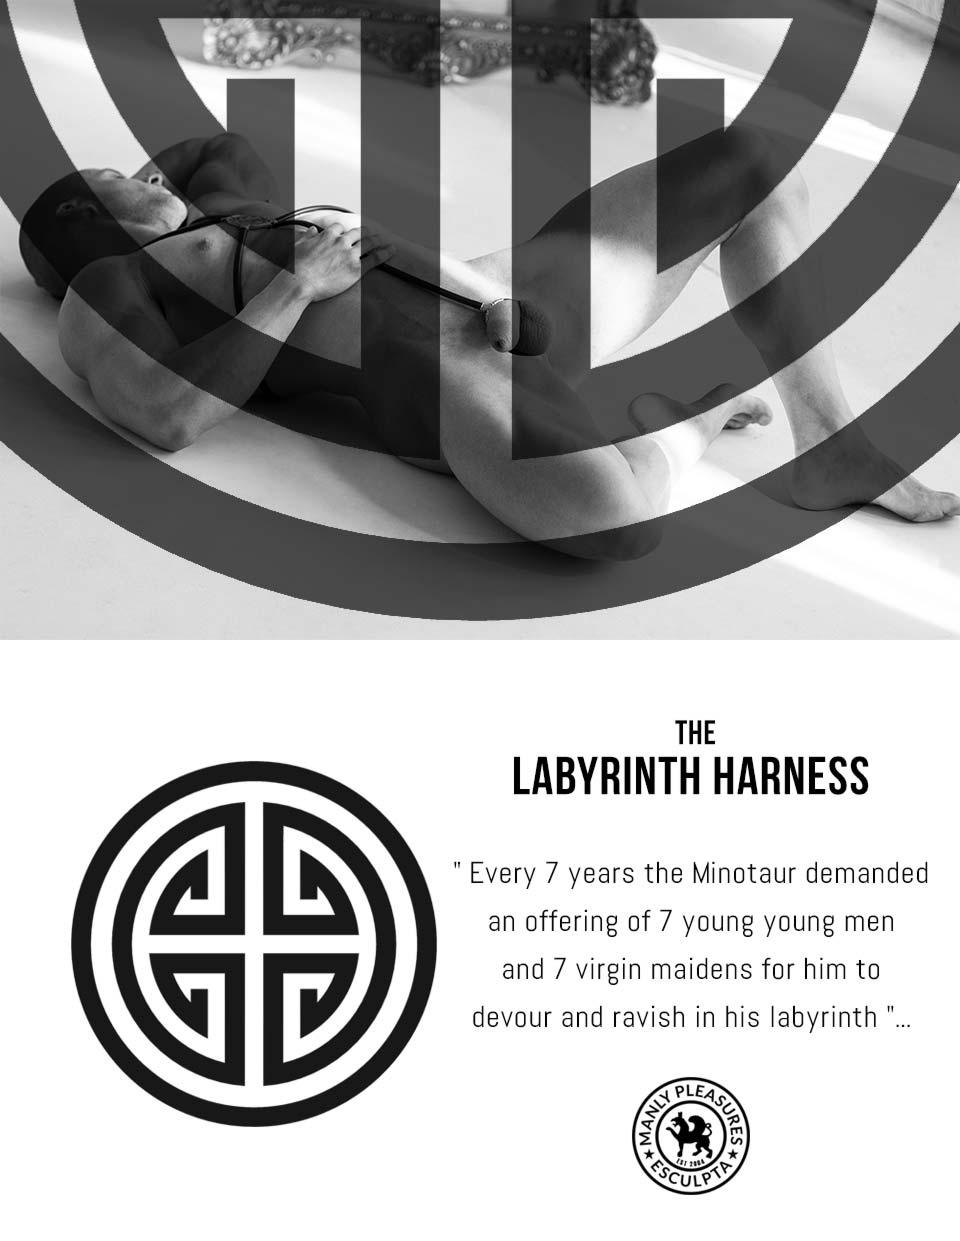 harness by esculpta